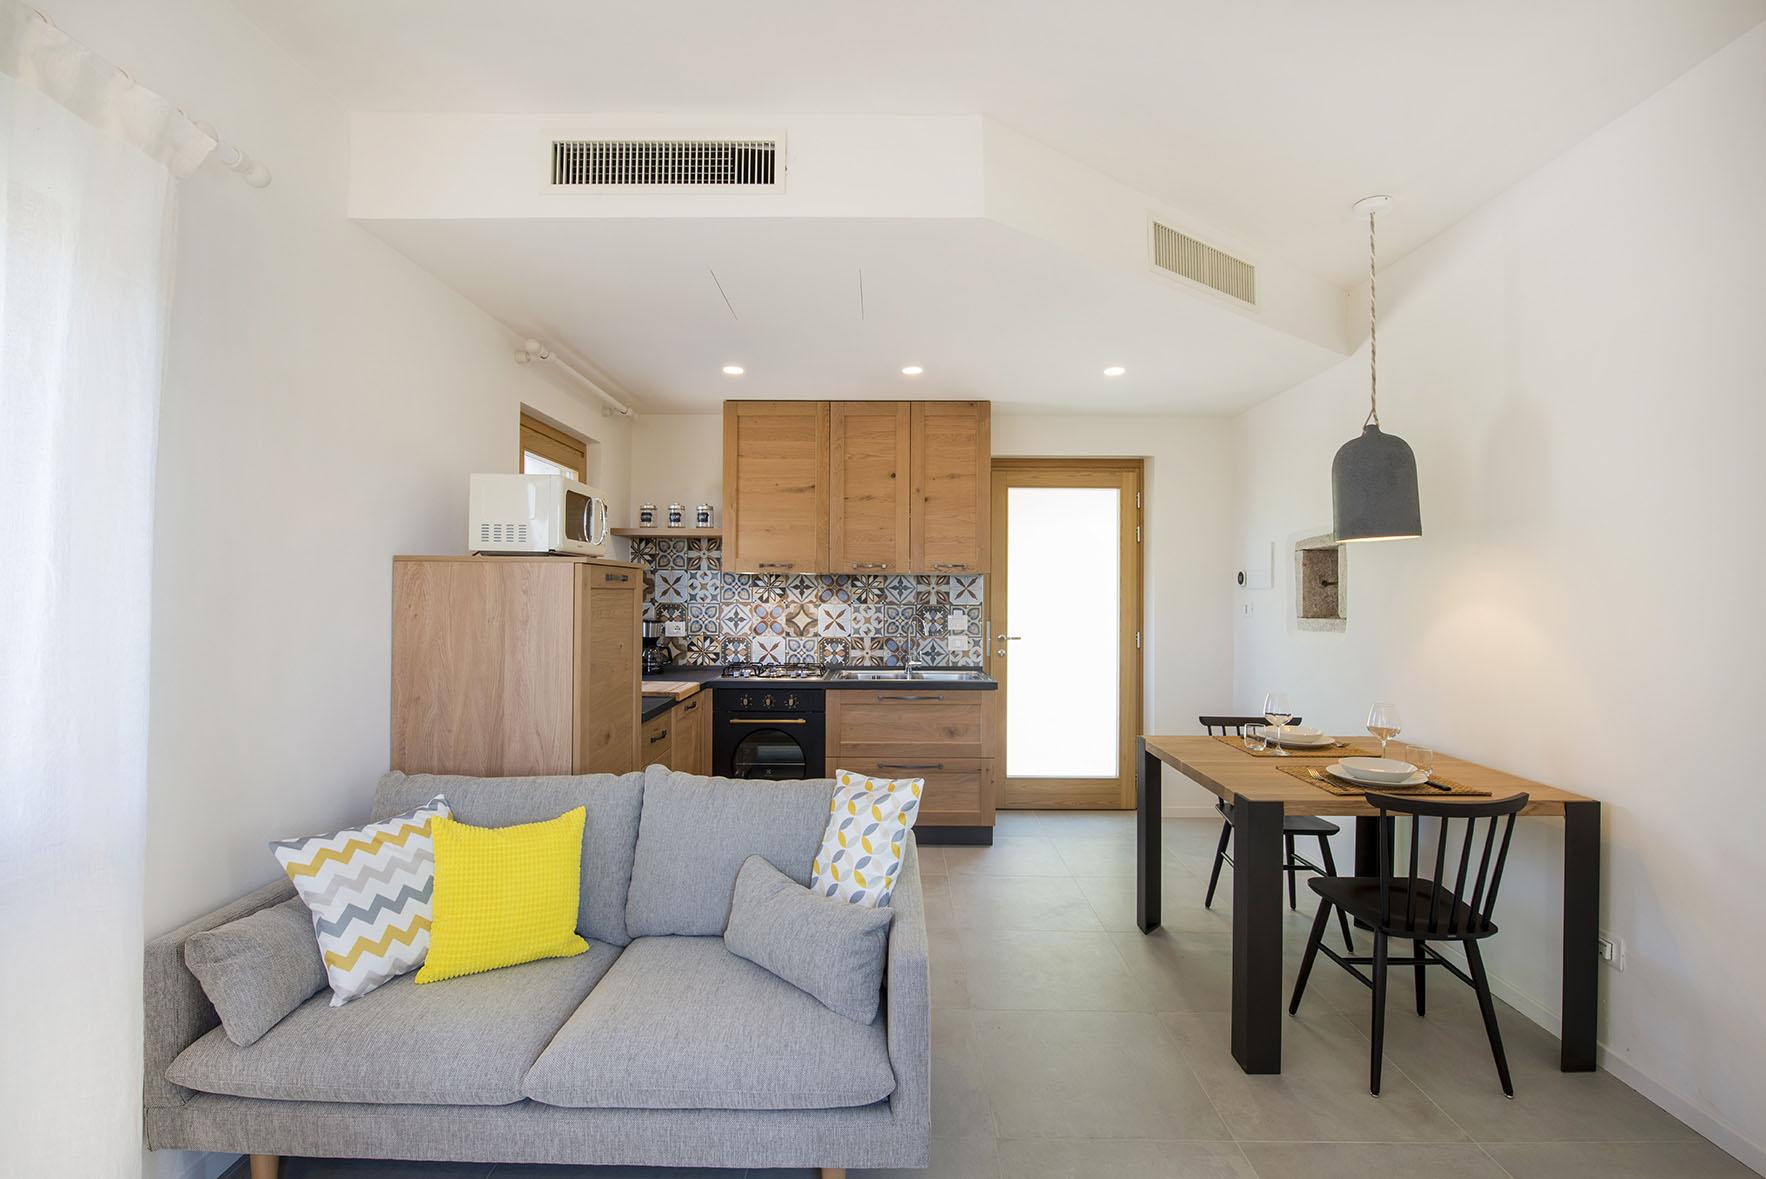 Pendolino - living room - Apartment - Agriturismo GaiaSofia.jpg